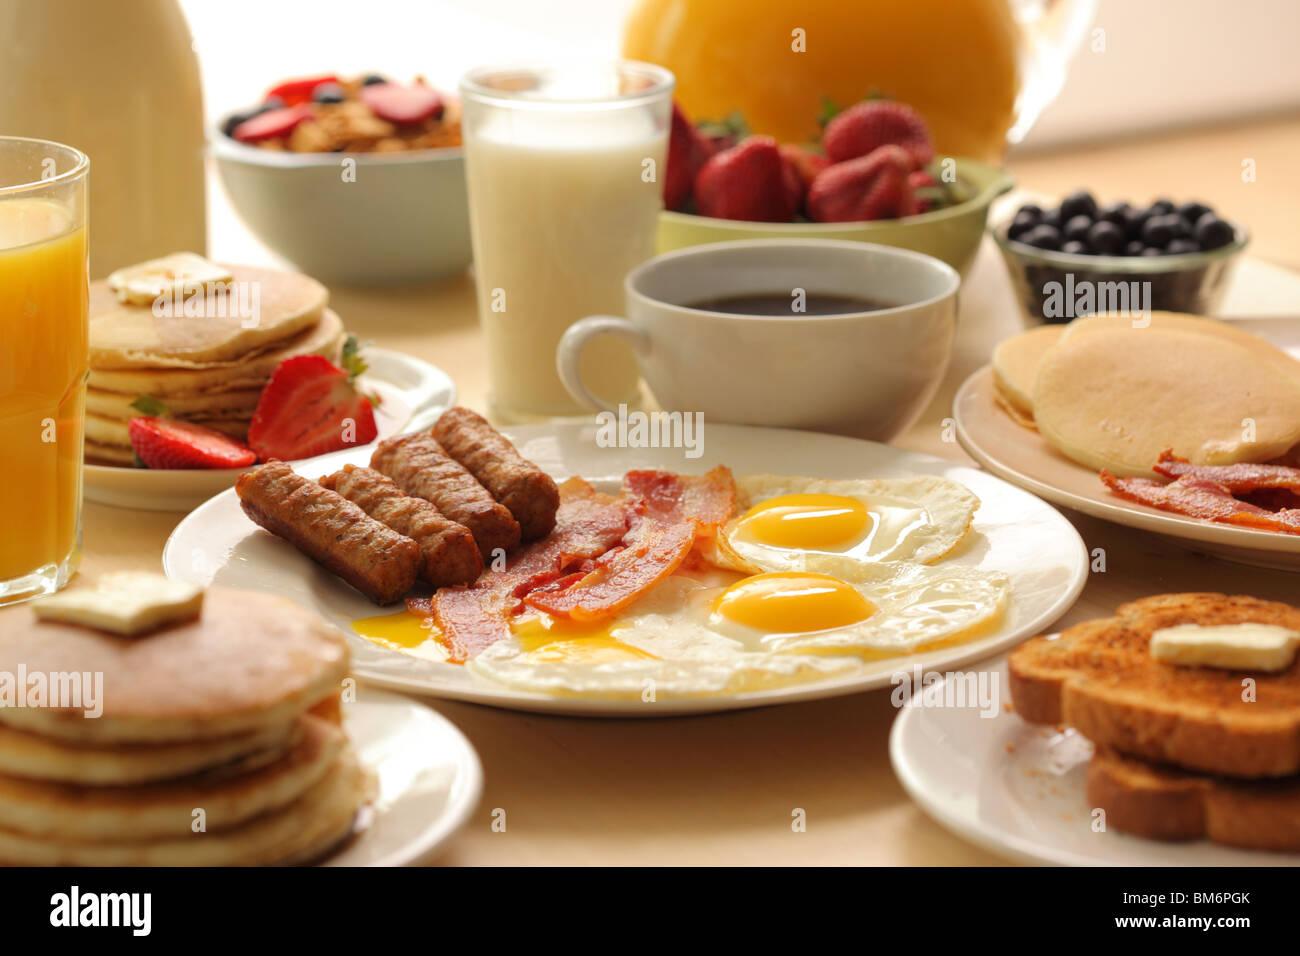 Le petit-déjeuner, saucisses, bacon, oeufs, pain grillé, café, céréales, fruits, toasts Photo Stock